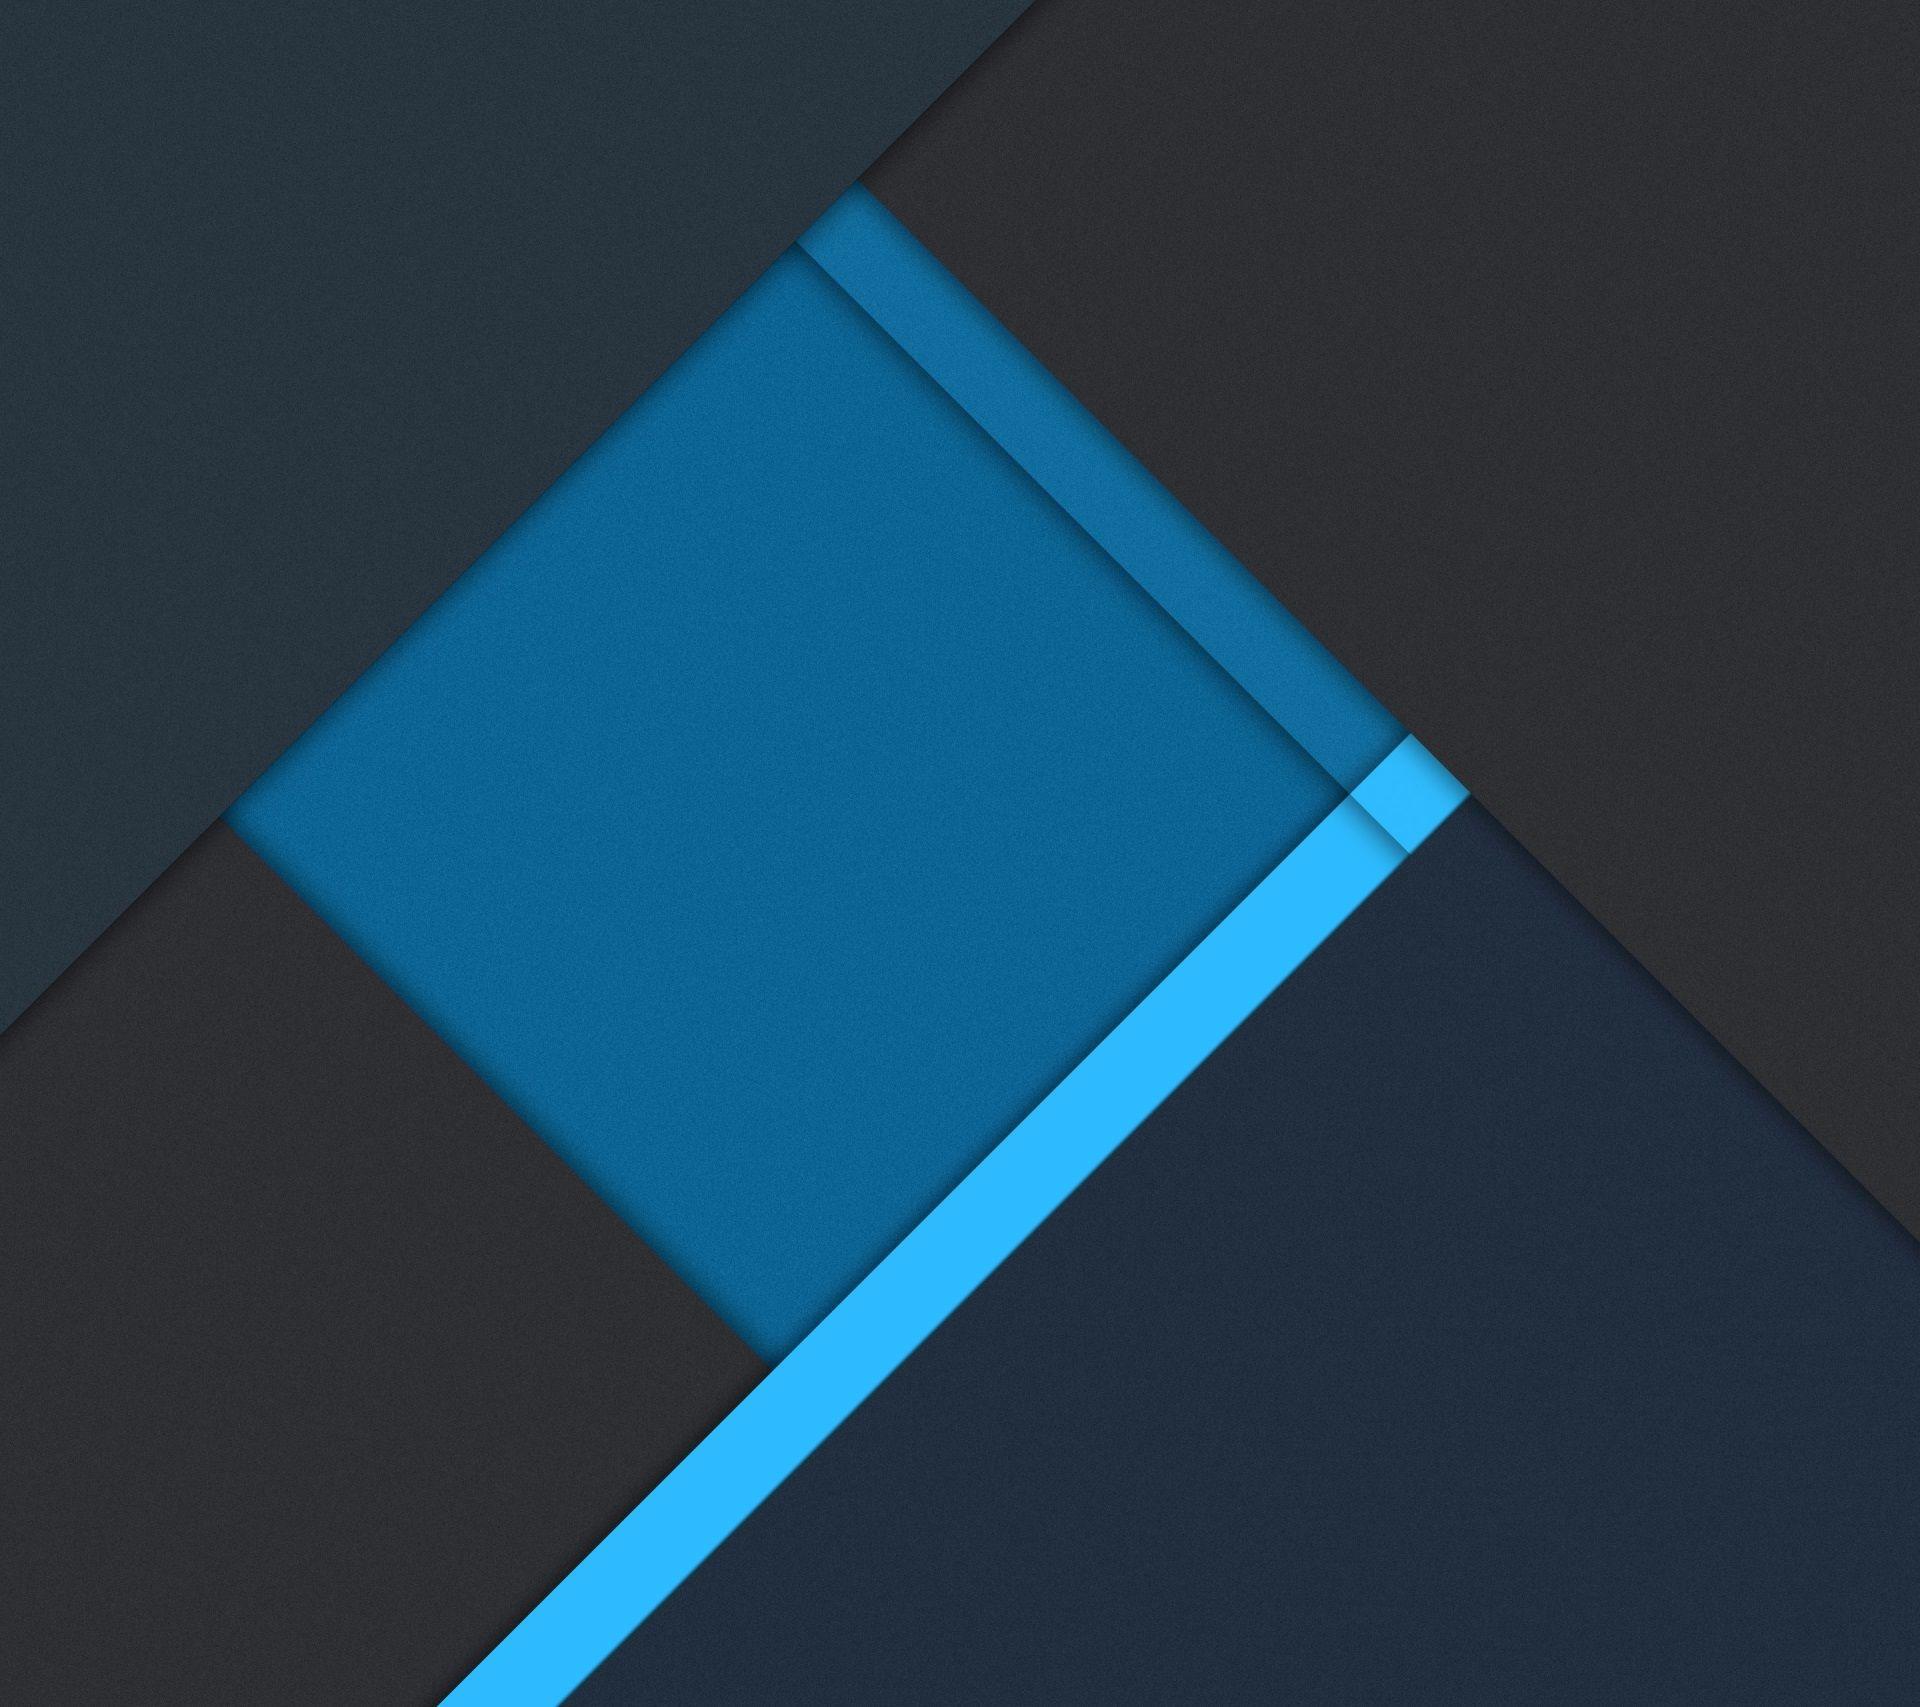 Triangles, Material Design, Dark Wallpaper - Material Design, Hd, 4K,